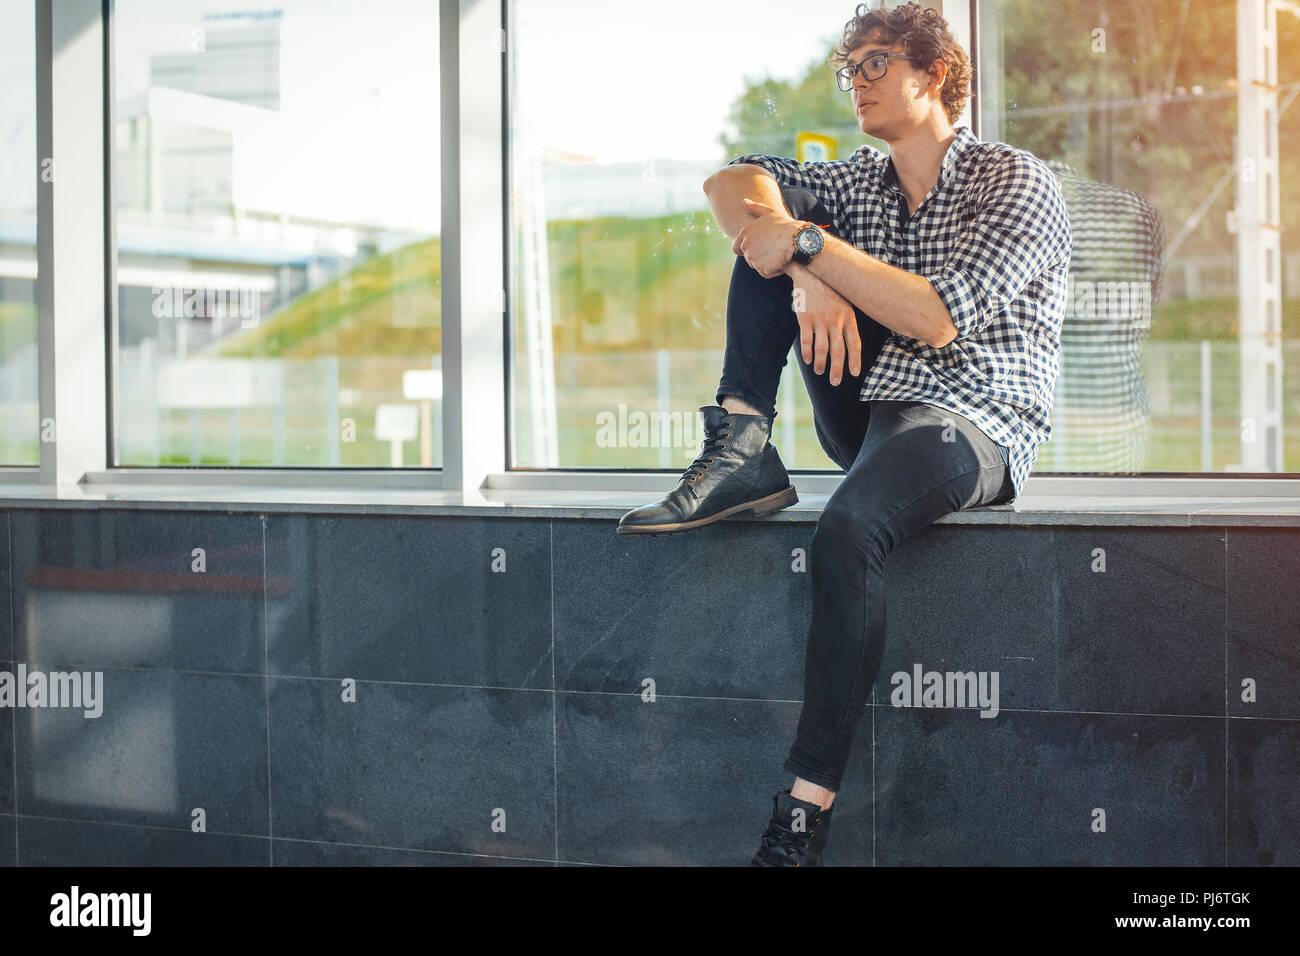 Ferner Plan der junge Mann neben großen Fenstern sitzen an der Metrostation. Stockbild